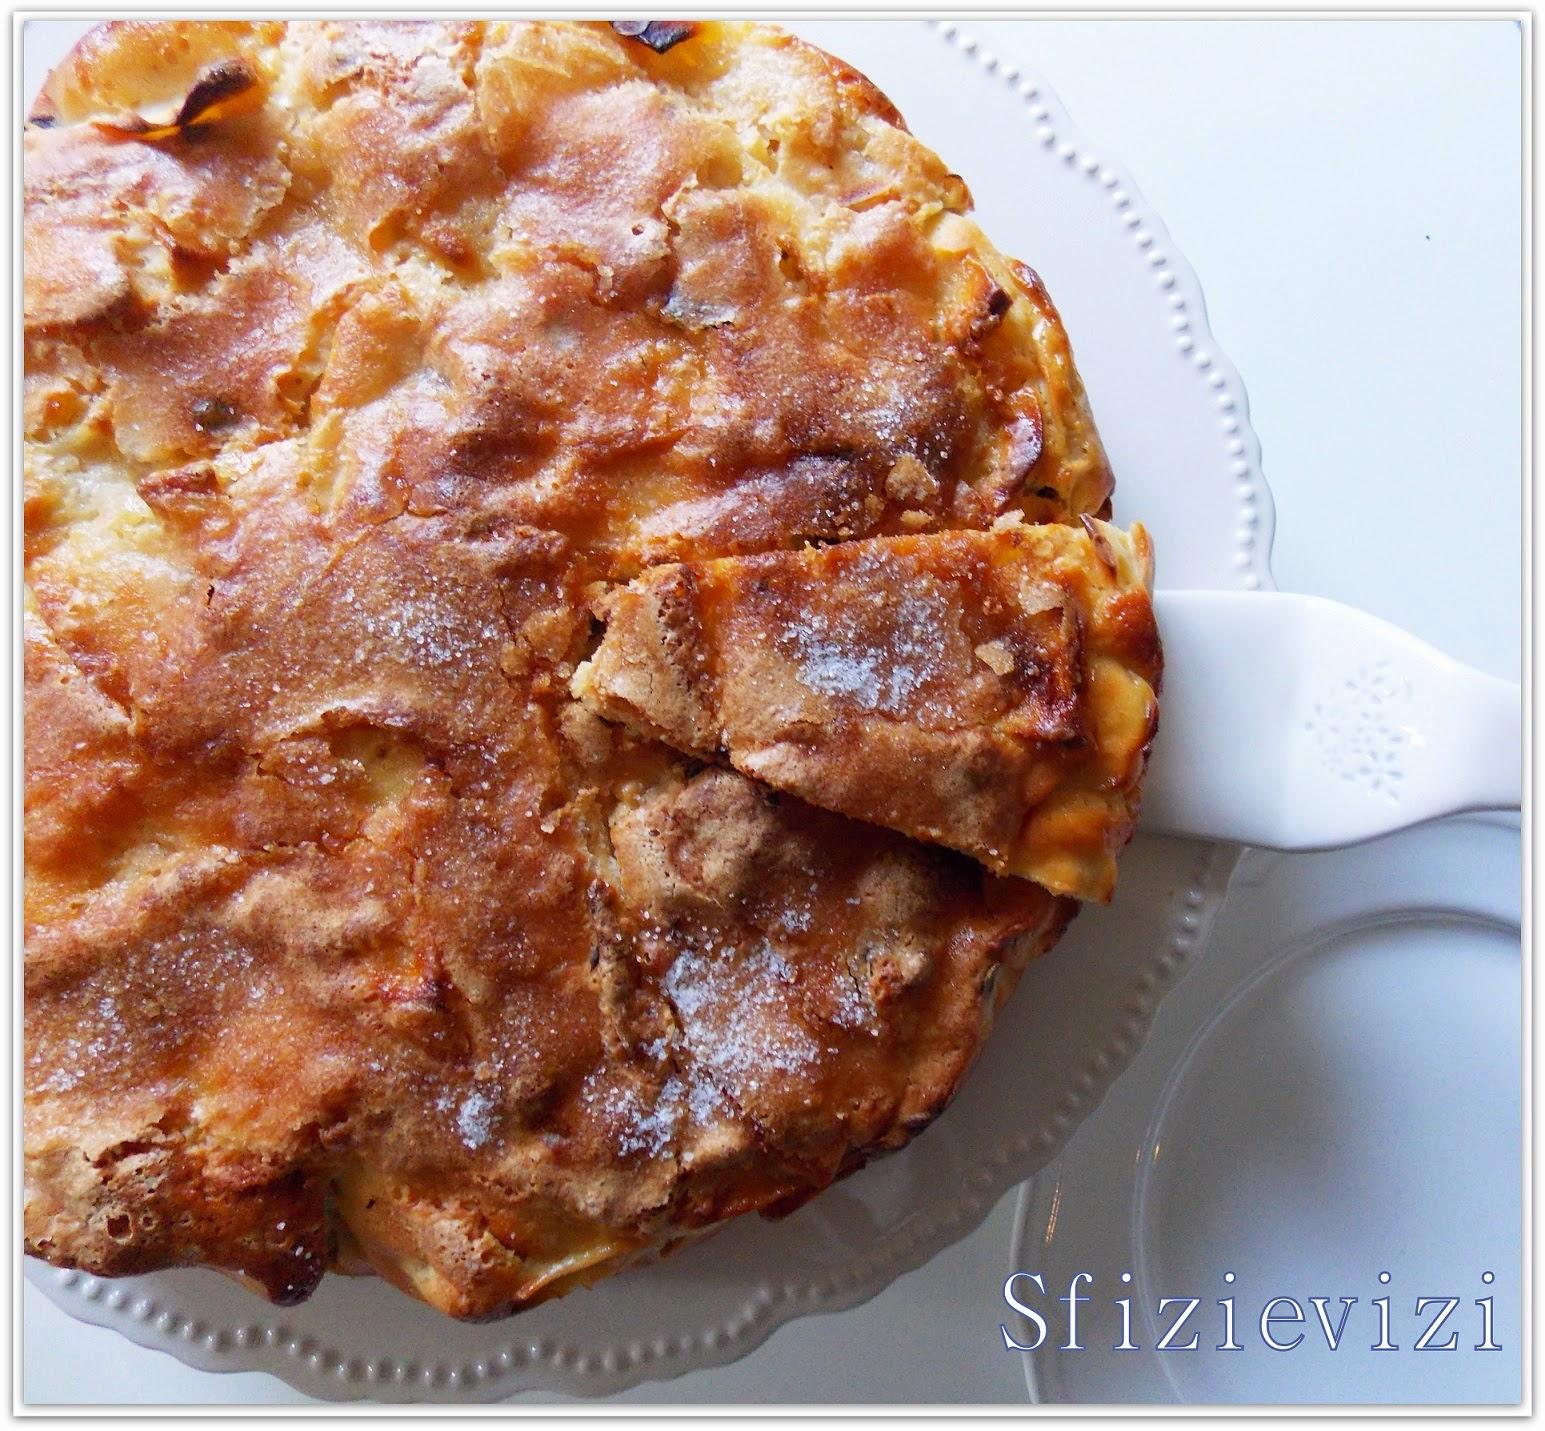 torta da colazione con le mele  (senza olio e senza burro) yogurt di soia e gocce di cioccolato fondente - ricetta senza latticini -